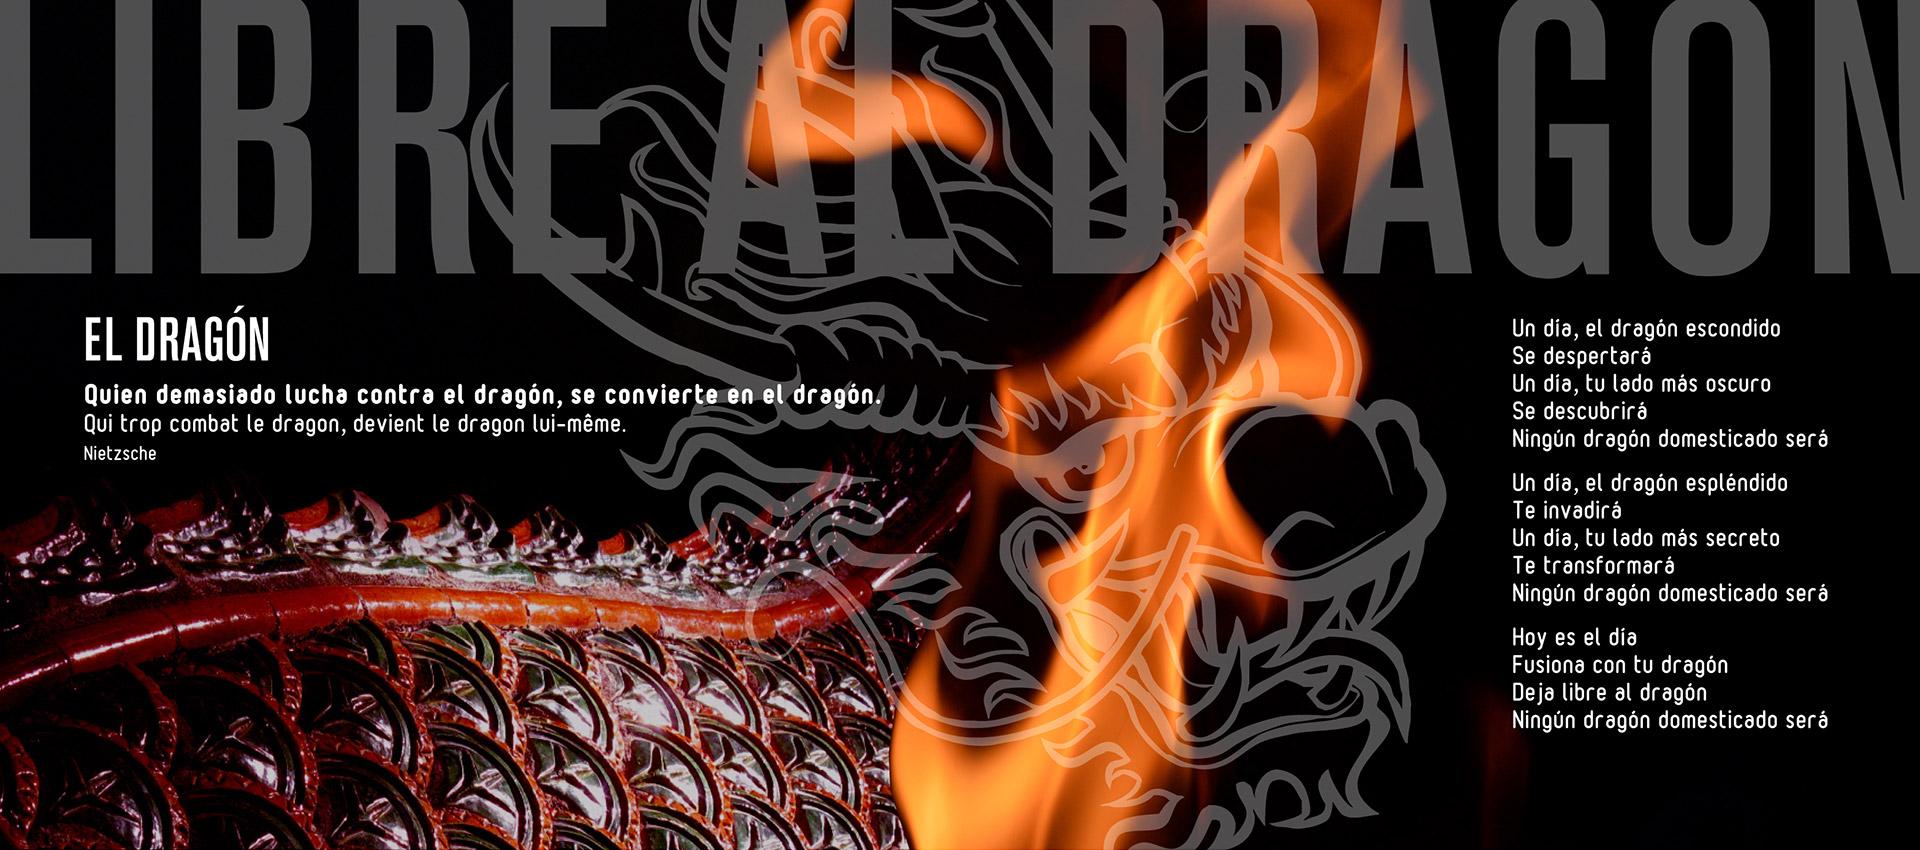 El-dragon-boris-choquet